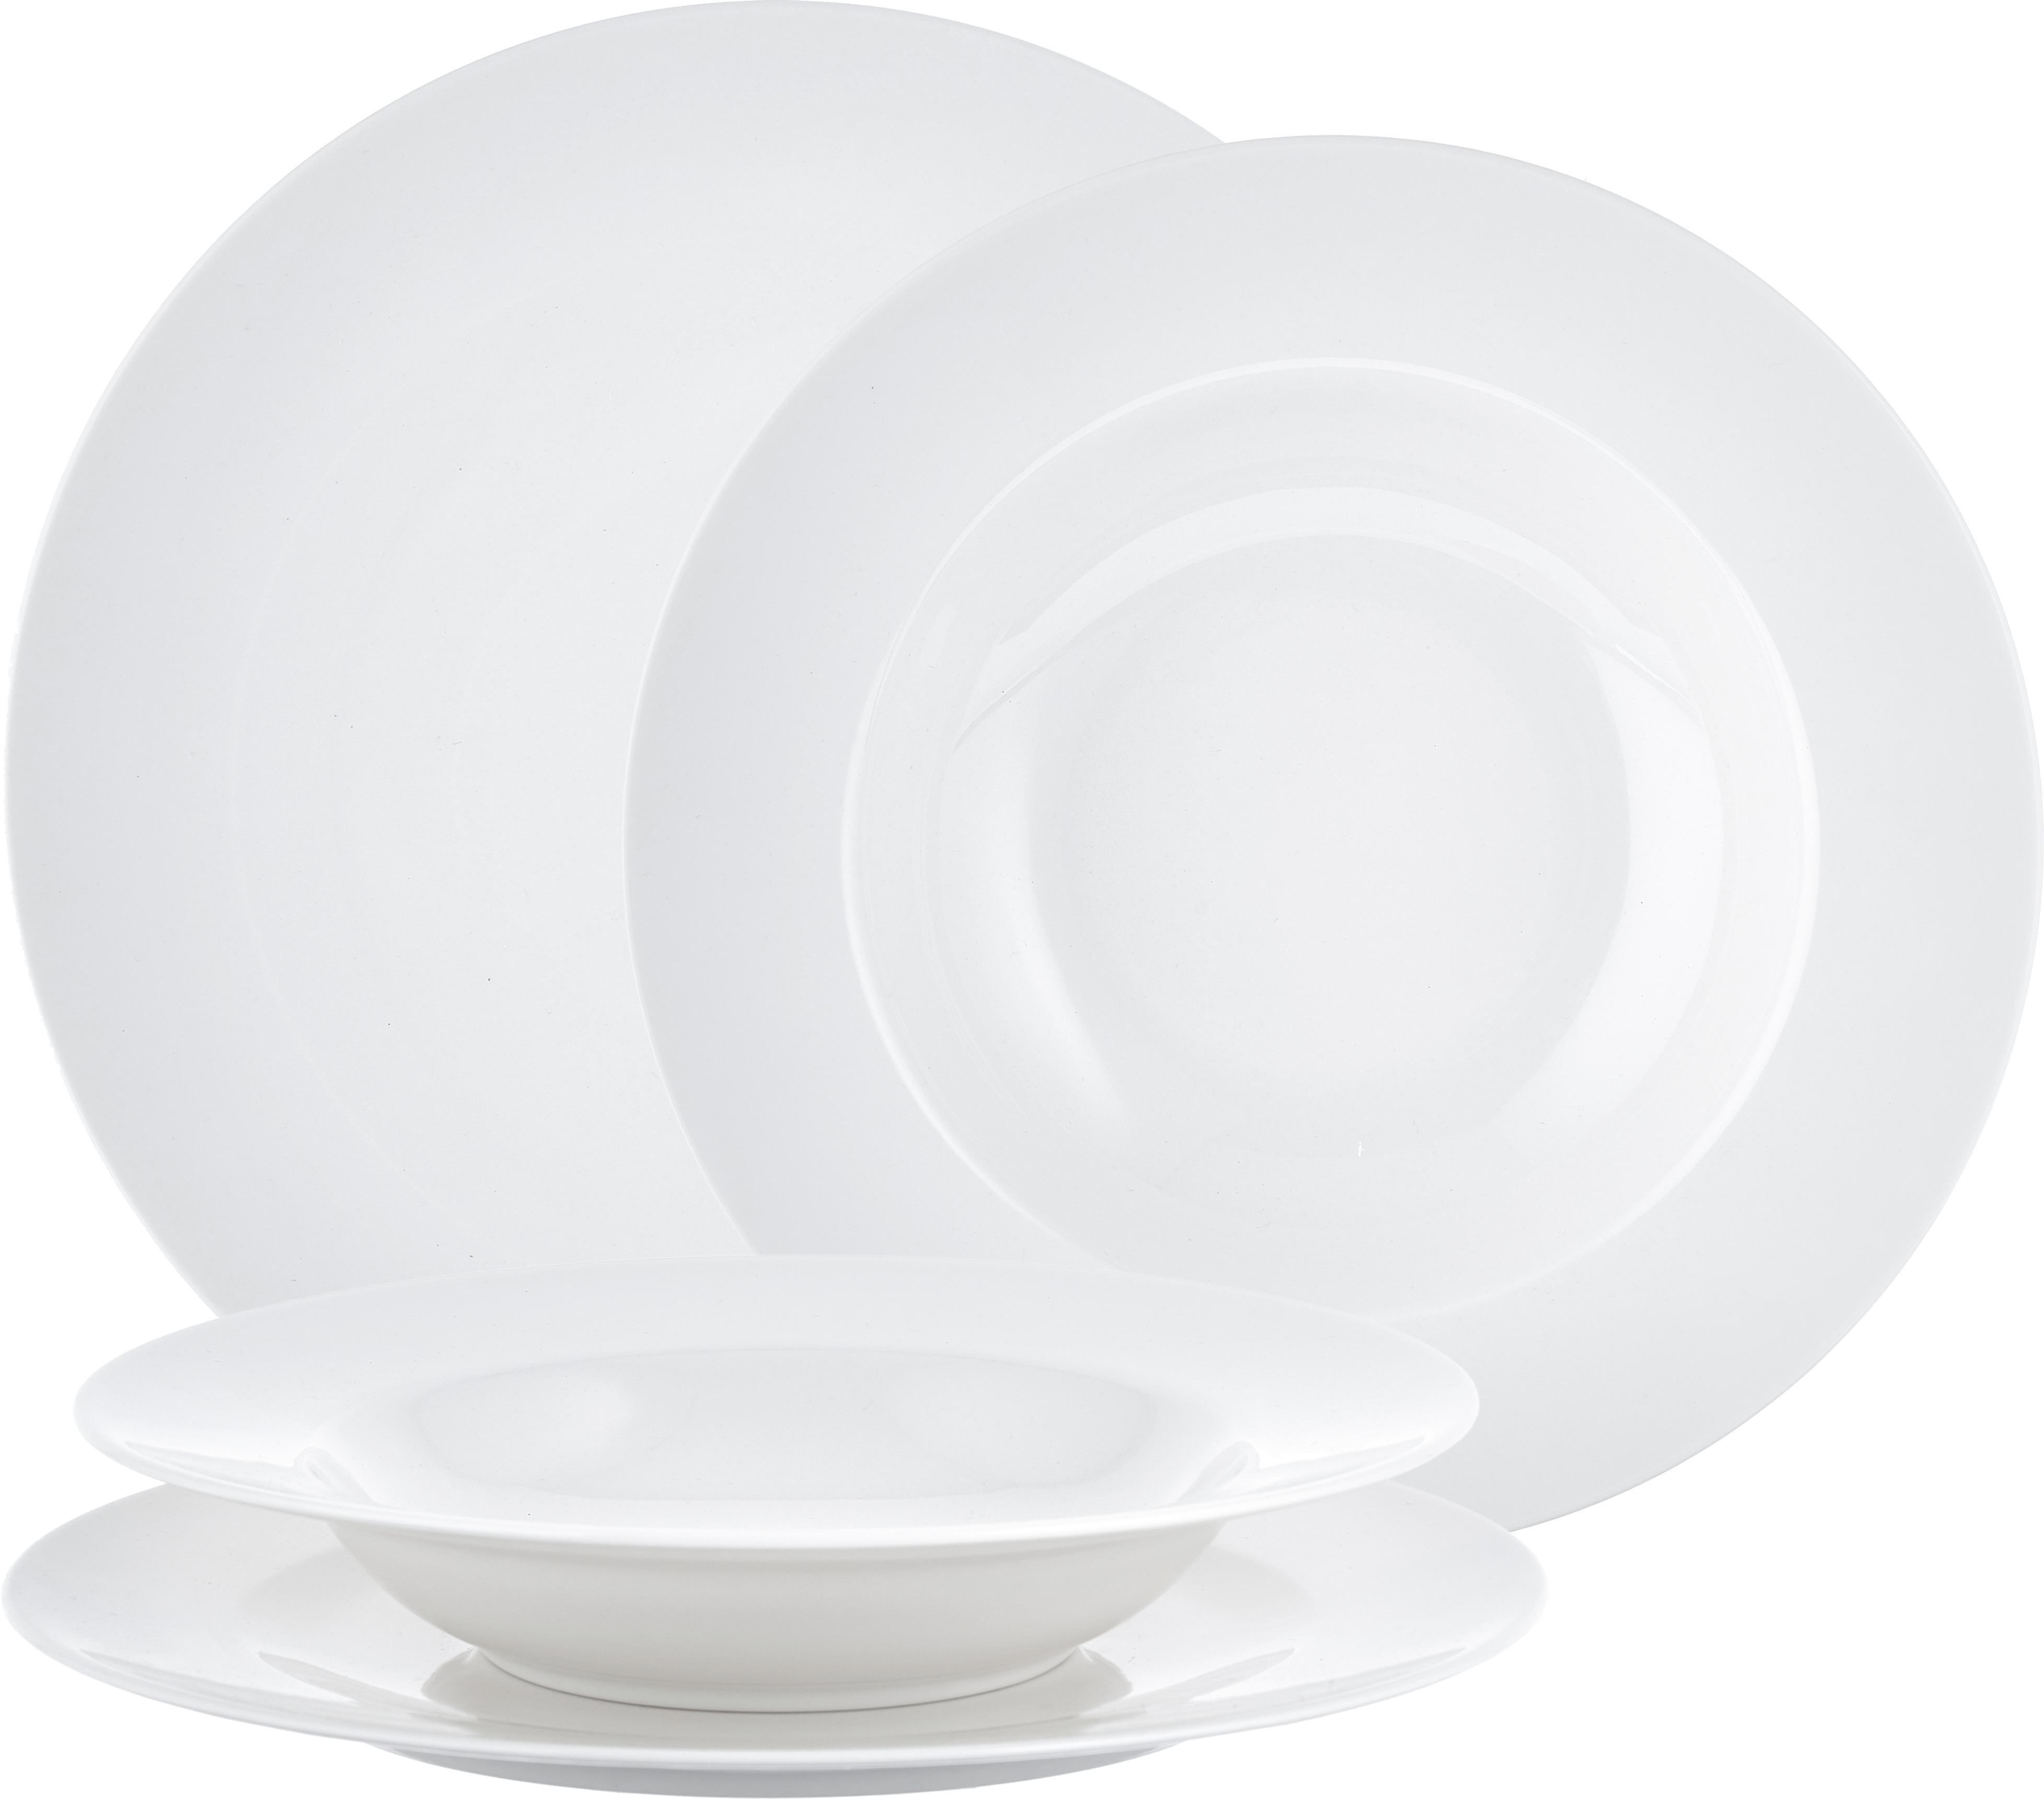 Komplet naczyń z porcelany For Me, 8 elem., Porcelana, Biały, Różne rozmiary